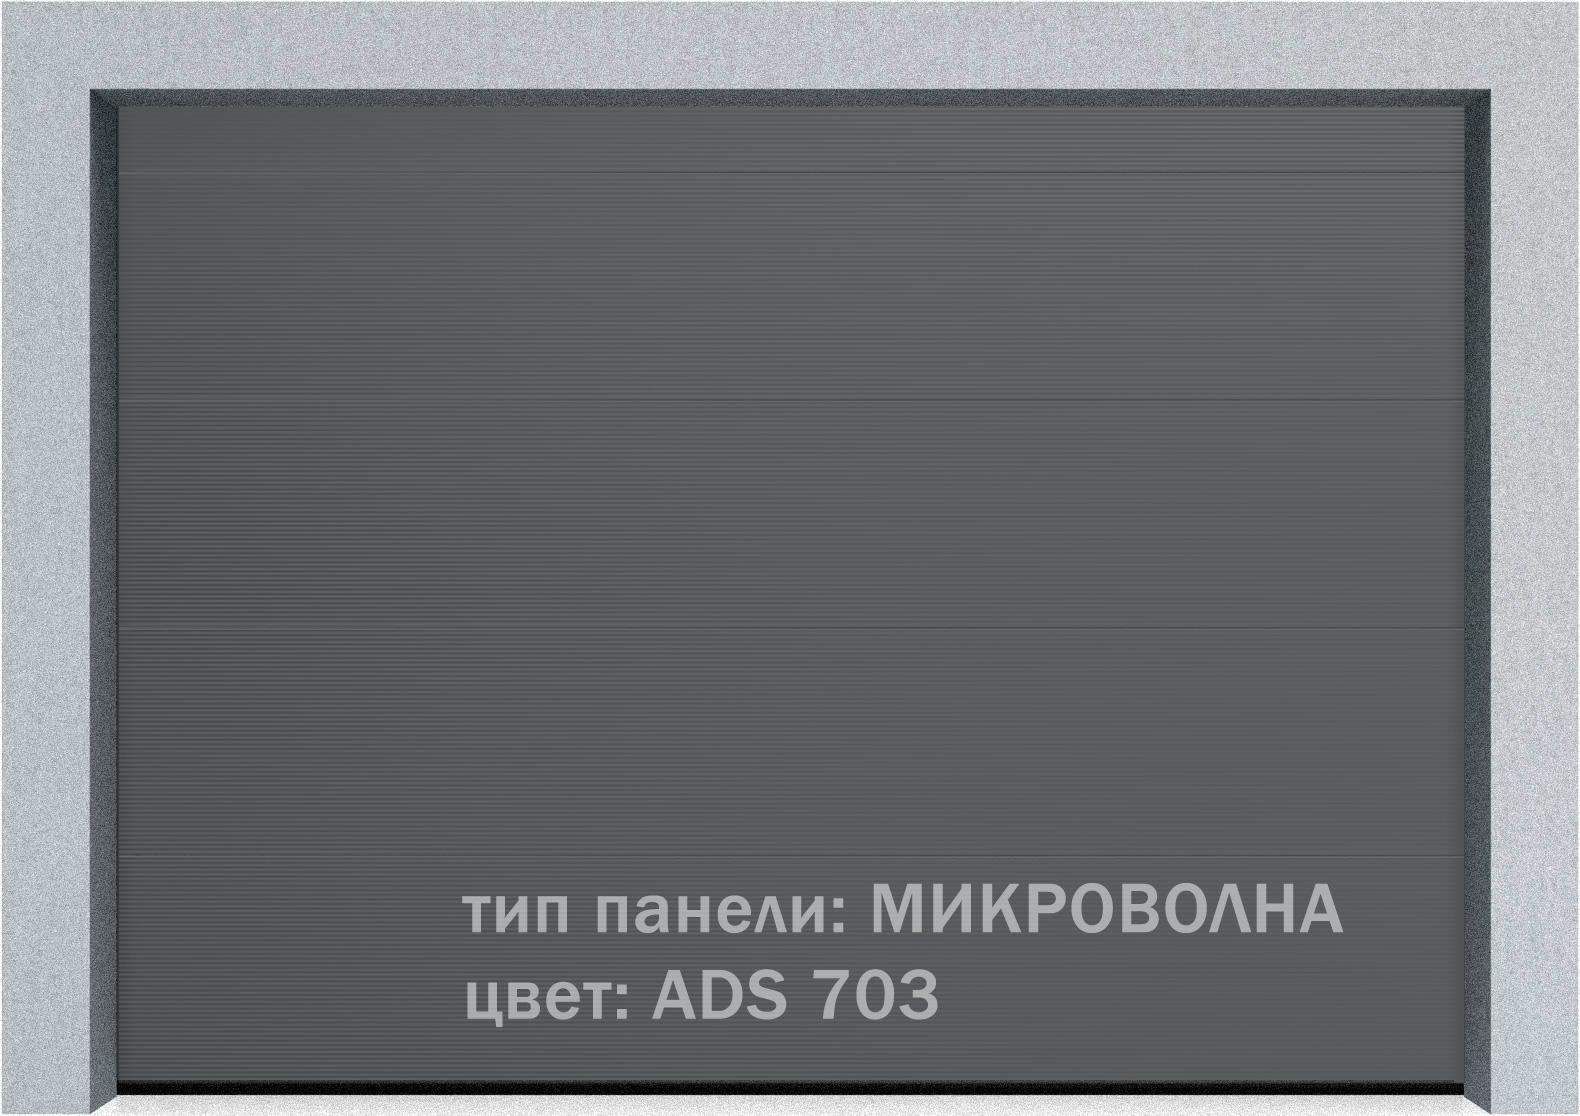 Секционные промышленные ворота Alutech ProTrend 2750х2250 S-гофр, Микроволна стандартные цвета, фото 20